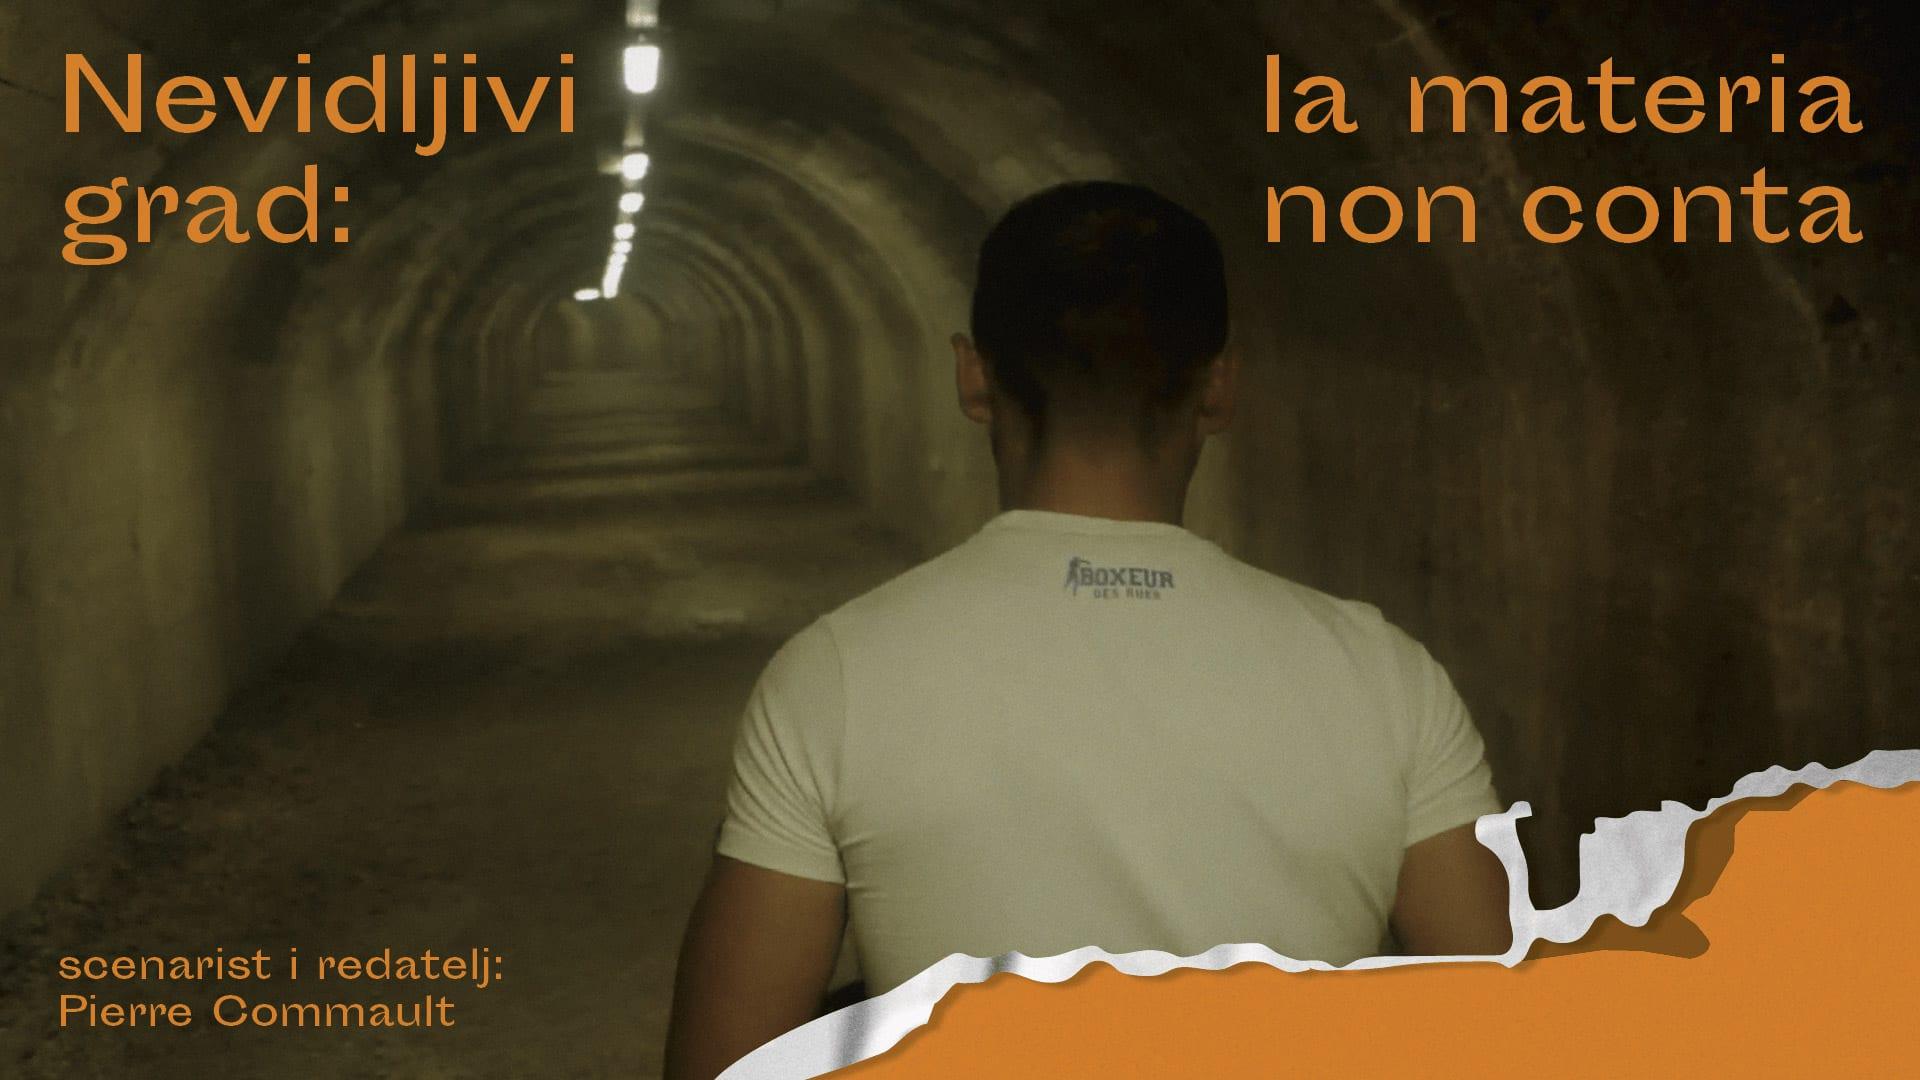 Premijera dokumentarnog filma 'Nevidljivi grad' u riječkom Art-kinu Croatia